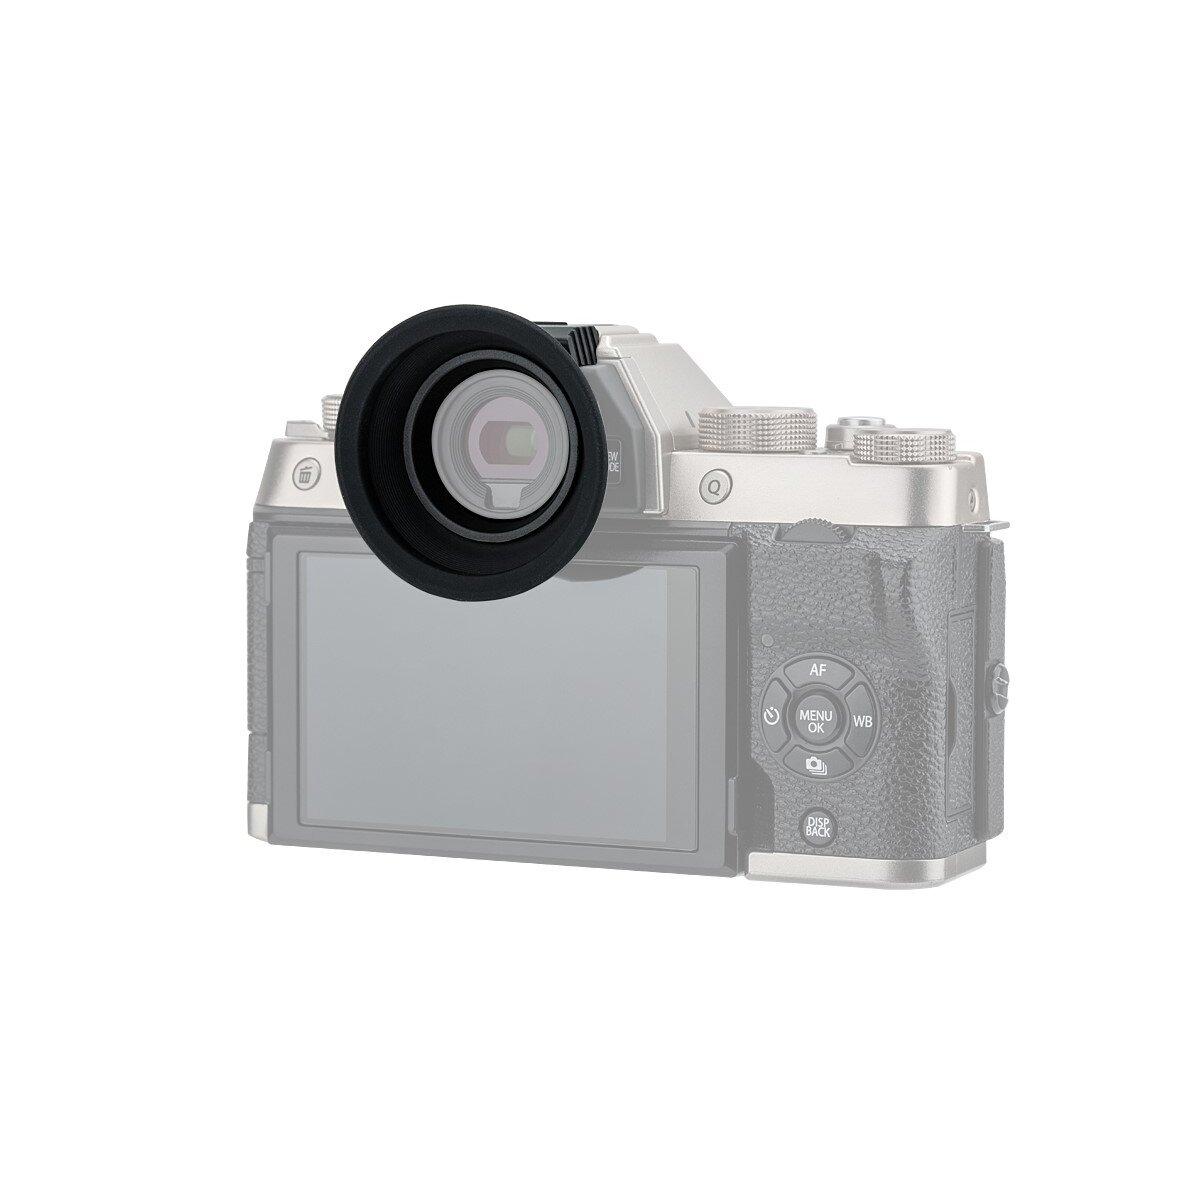 Impulsfoto KIWIFOTOS kompatibel für Fujifilm X-T100 Kamera-Augenmuschel | Weiches Silikon | Augenkomfort | Einfache Montage